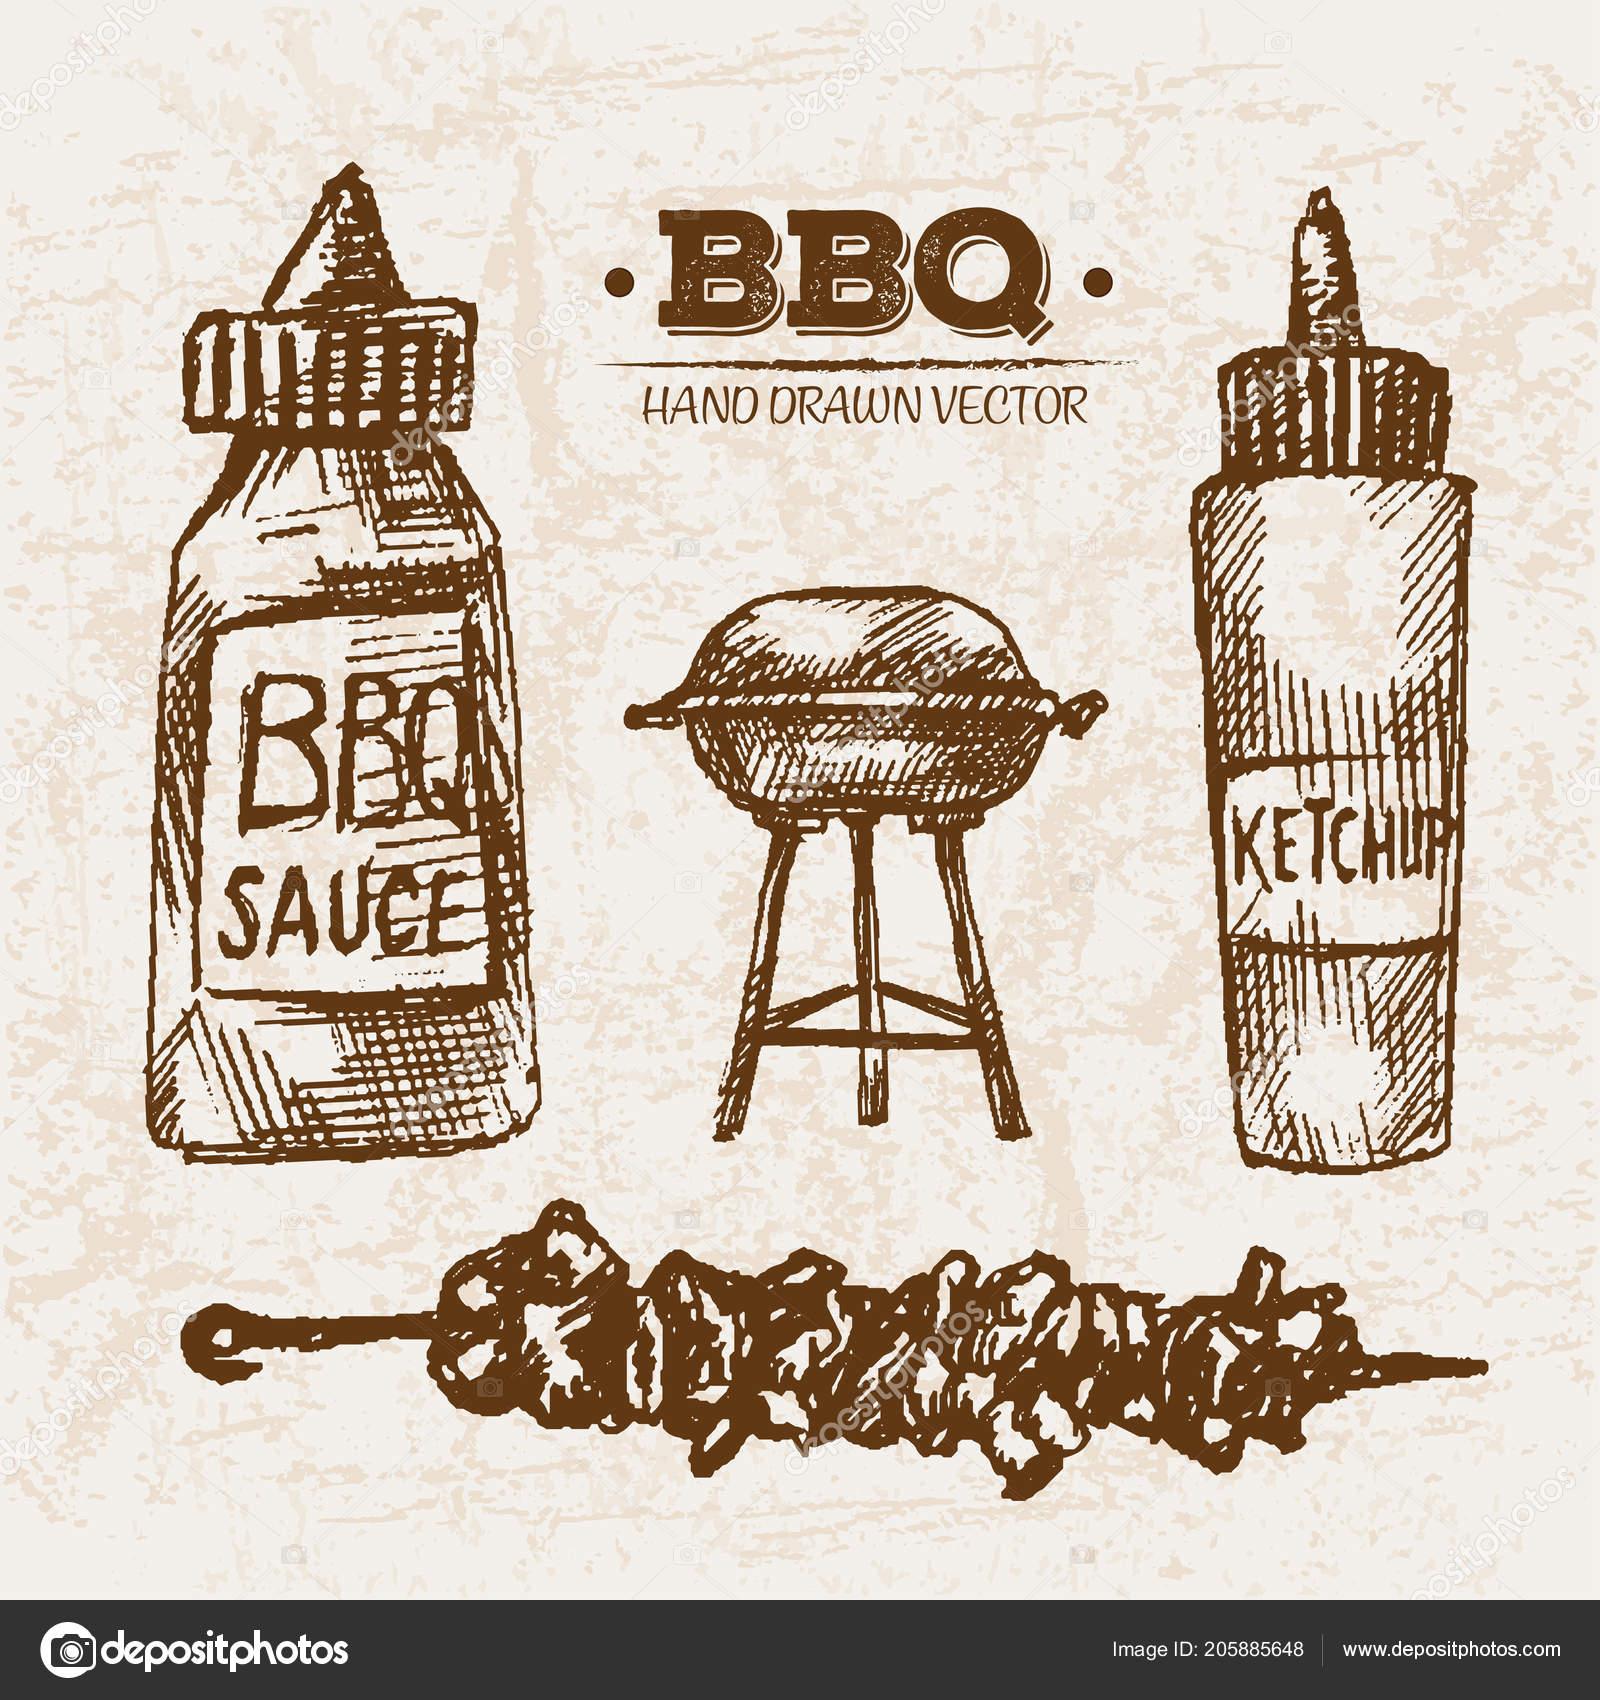 Astounding Hand Drawn Sketch Steak Meat Products Bbq Set Sauce Skewers Inzonedesignstudio Interior Chair Design Inzonedesignstudiocom